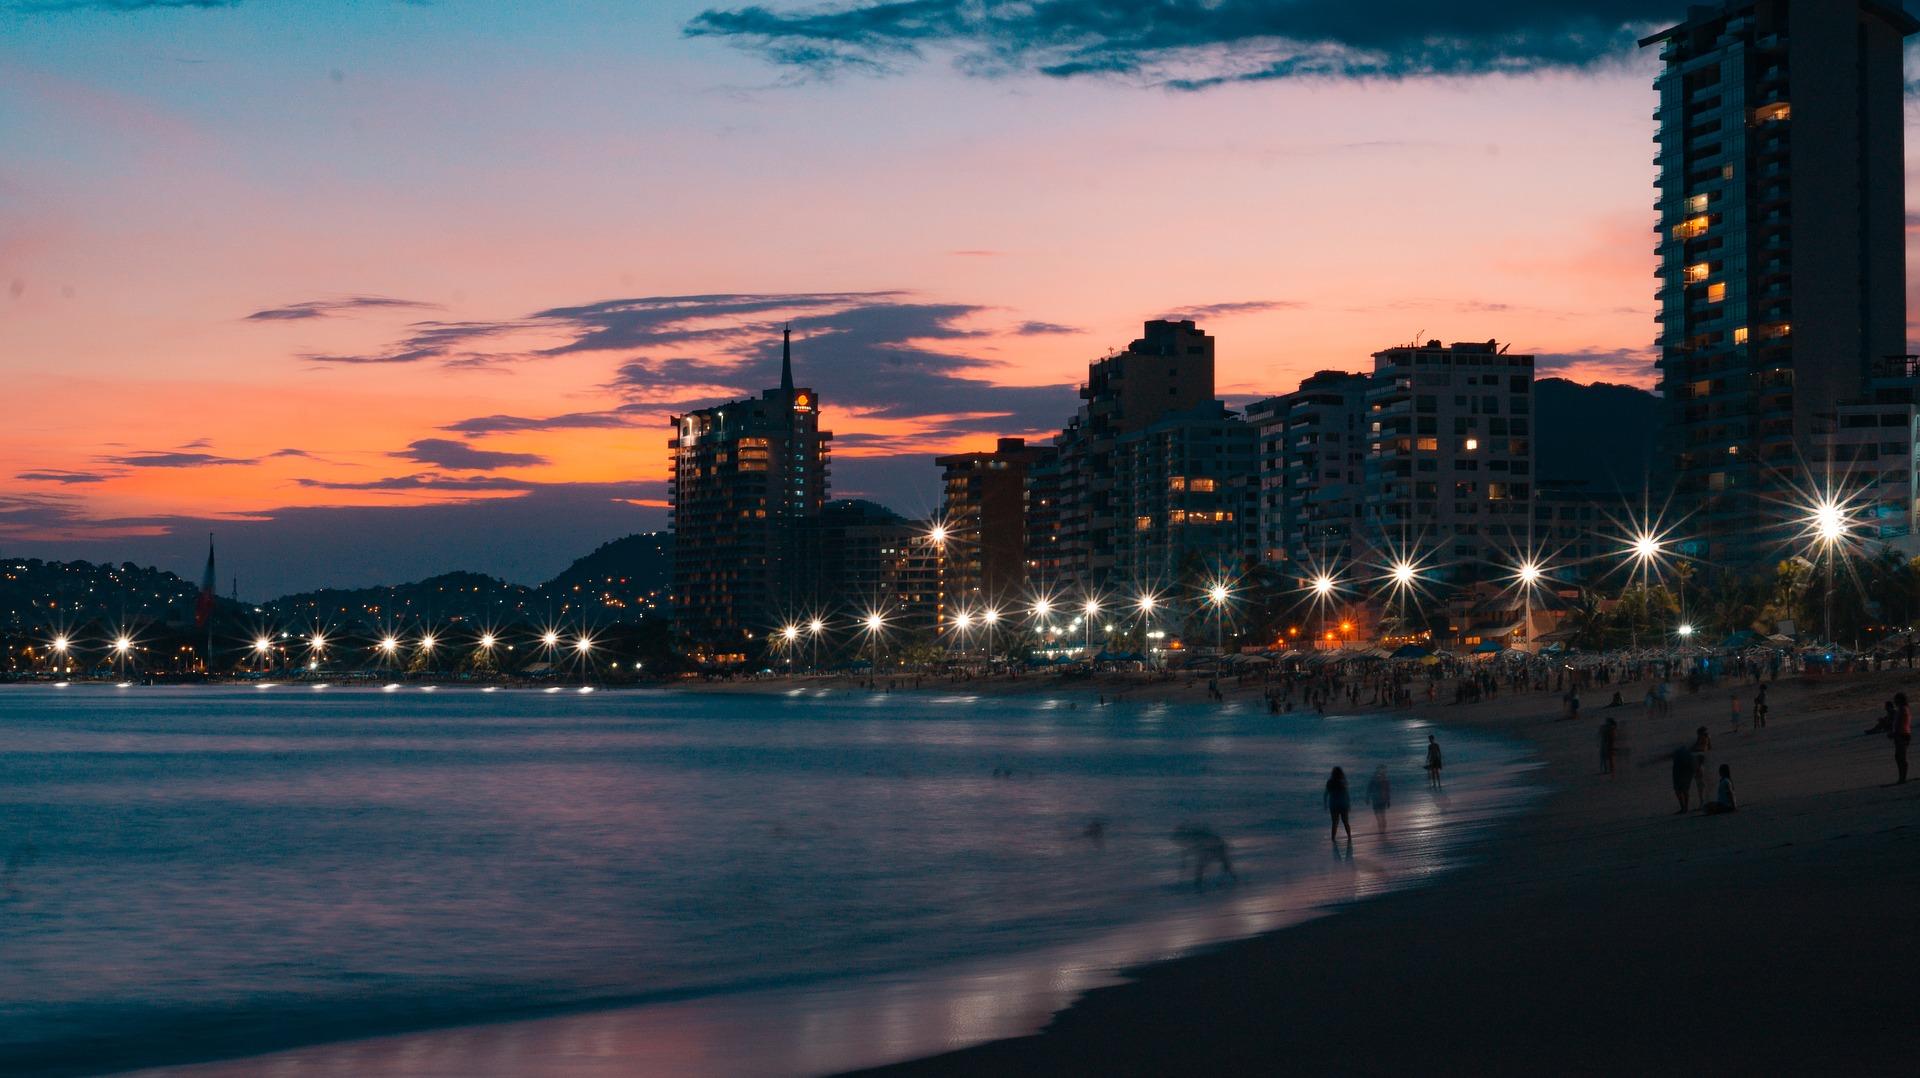 acapulco-3605307_1920 (1)